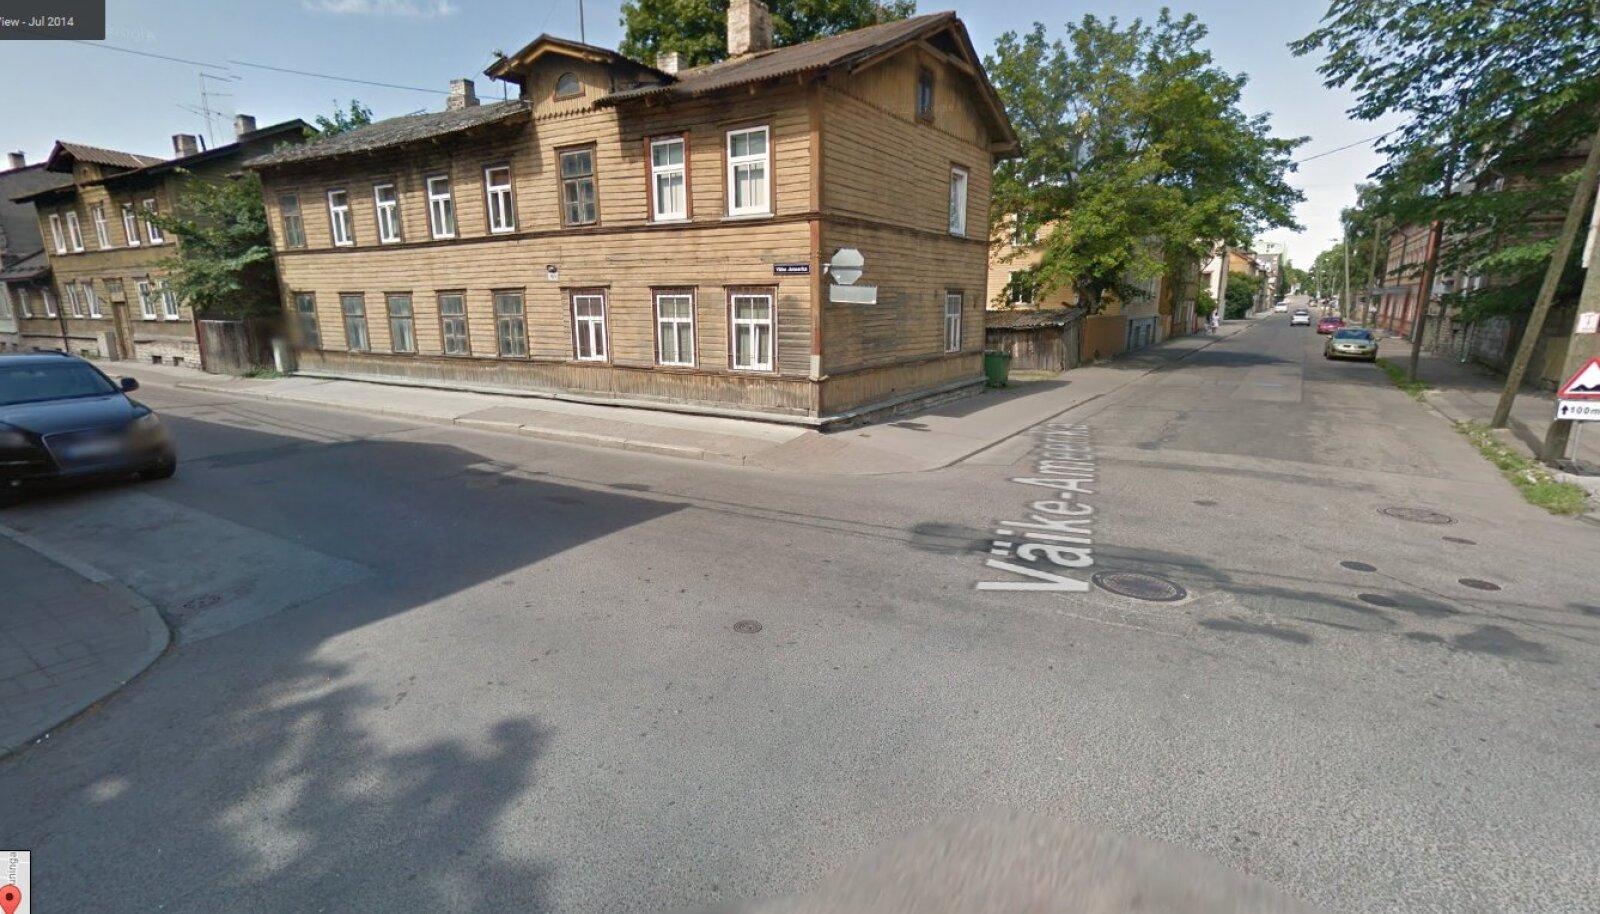 Tallinn, Väike-Ameerika ja Koidu tänavate ristmik (Google Street View ekraanitõmmis)